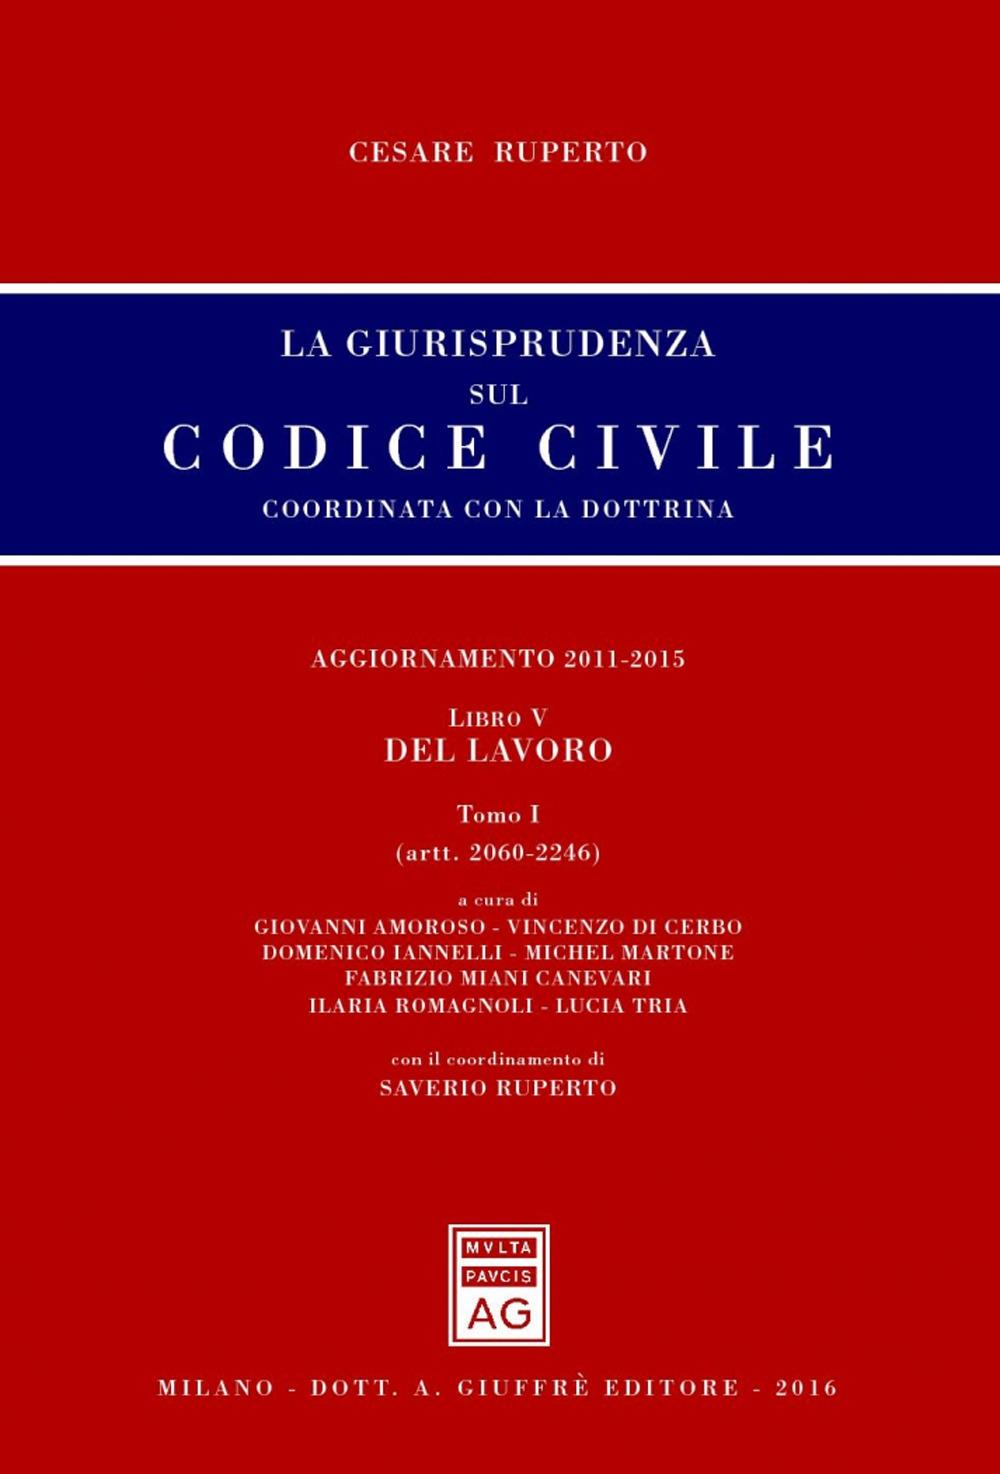 La giurisprudenza sul Codice civile. Coordinata con la dottrina. Vol. 5/1: Del lavoro (artt. 2060-2246)